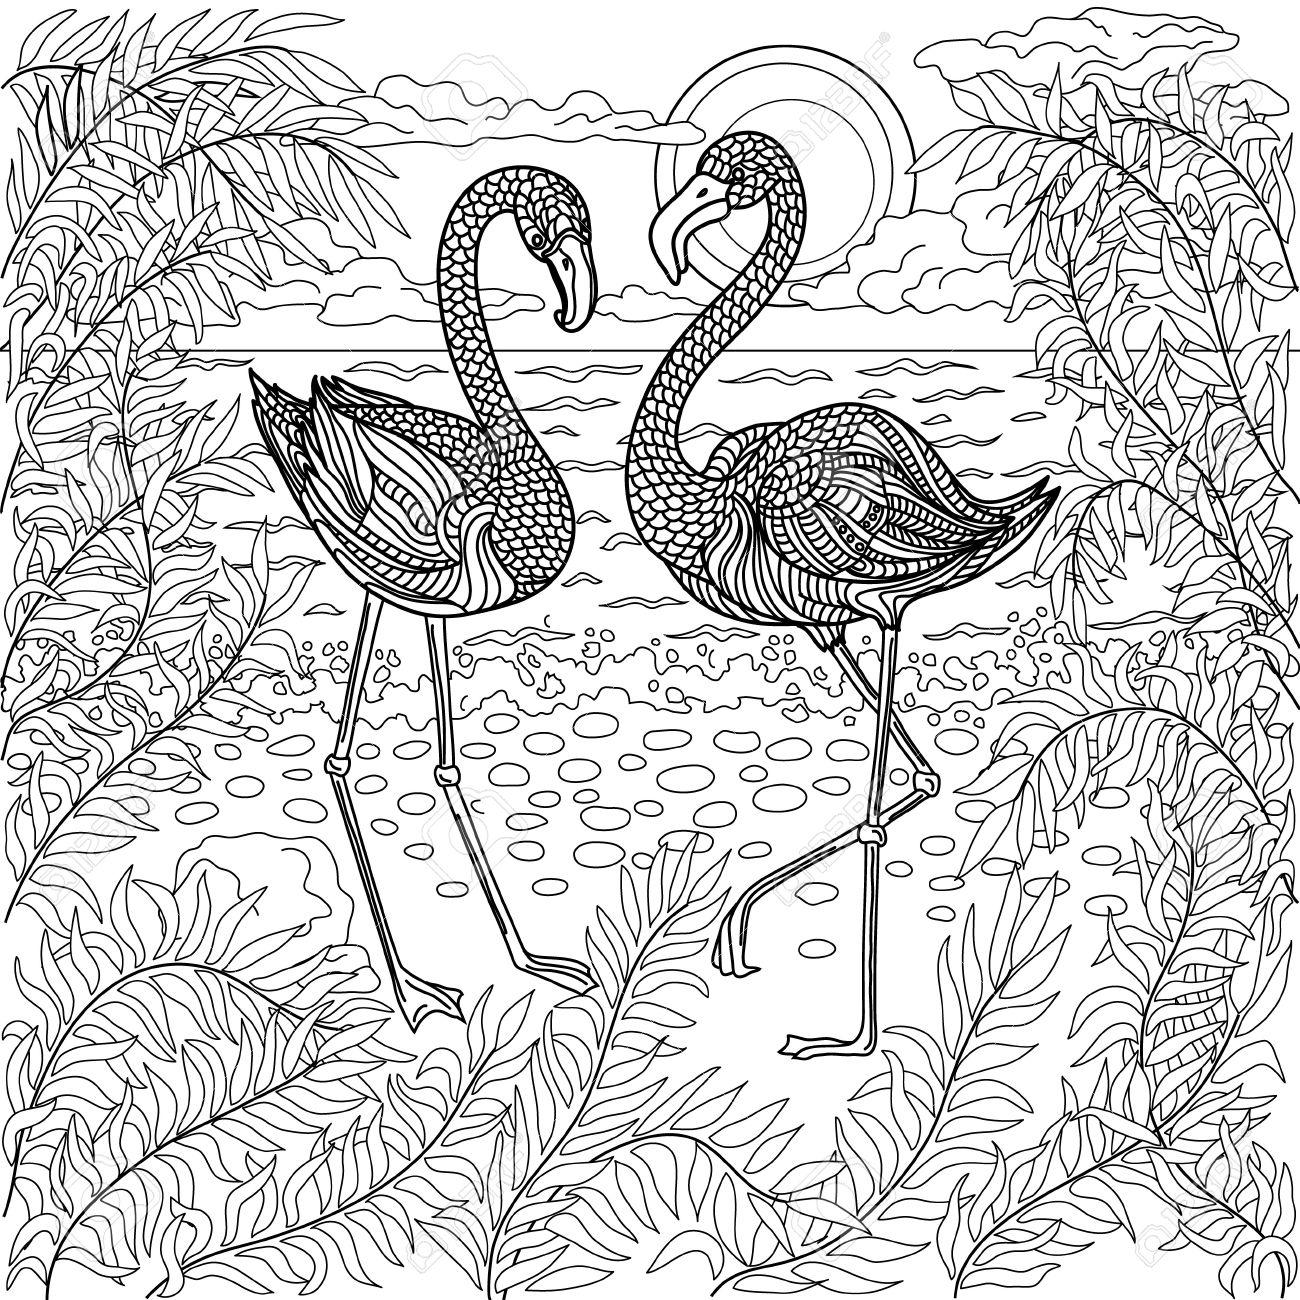 Hand Gezeichnet Vögel - Flamingos In Einem Zweige Baum Am Meer ...